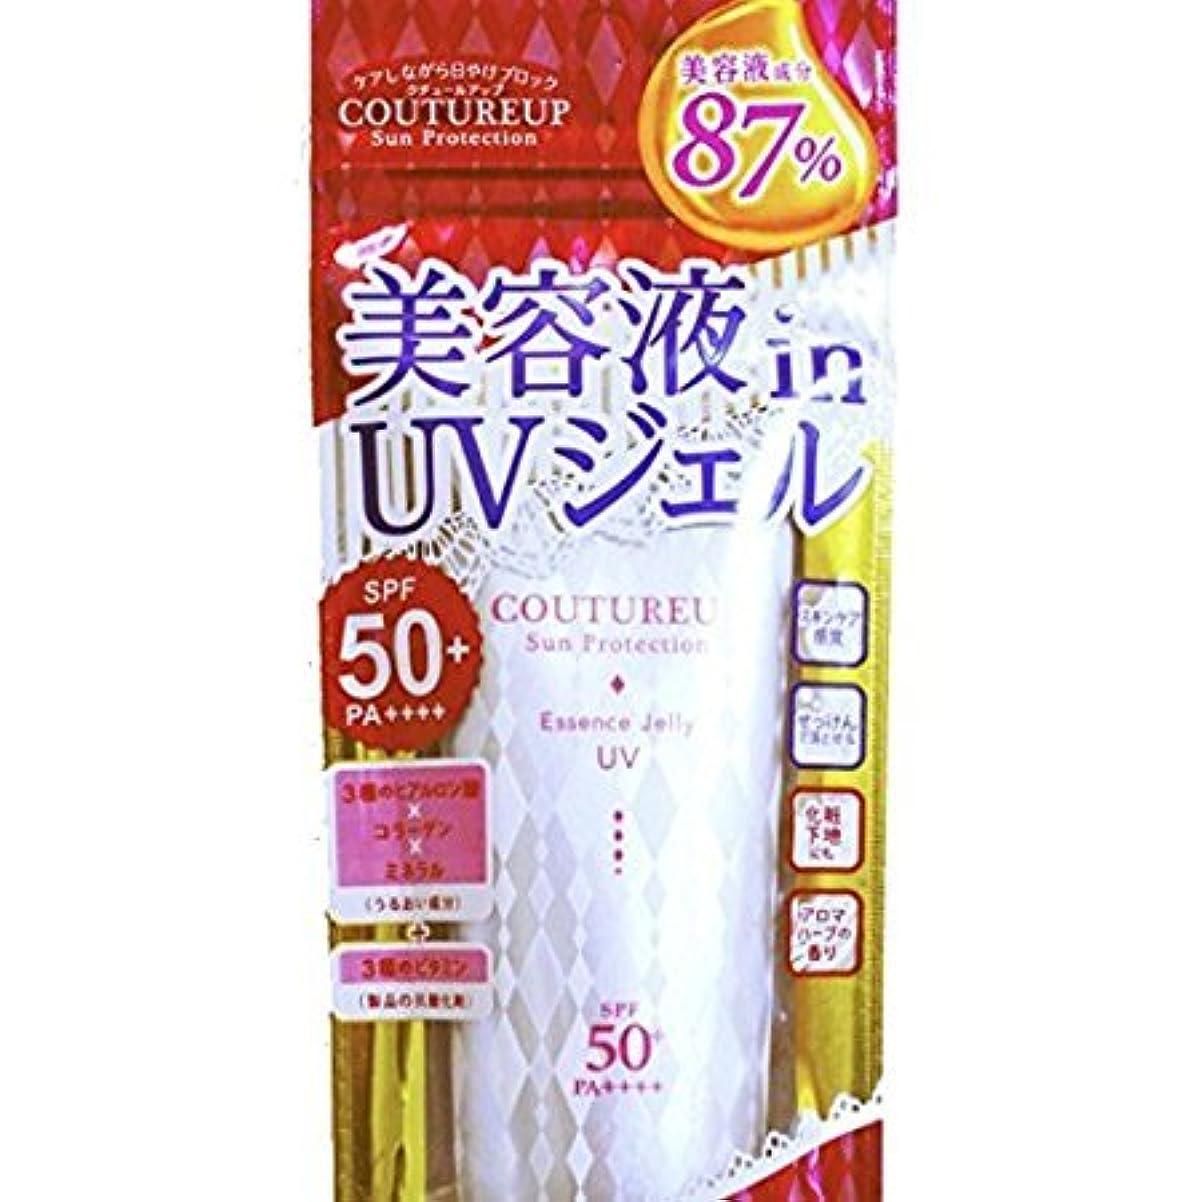 思いやりピアノを弾く俳優美容液 in UVジェル SPF50+/PA++++ 65g 美容液成分87% 日焼け止め&化粧下地